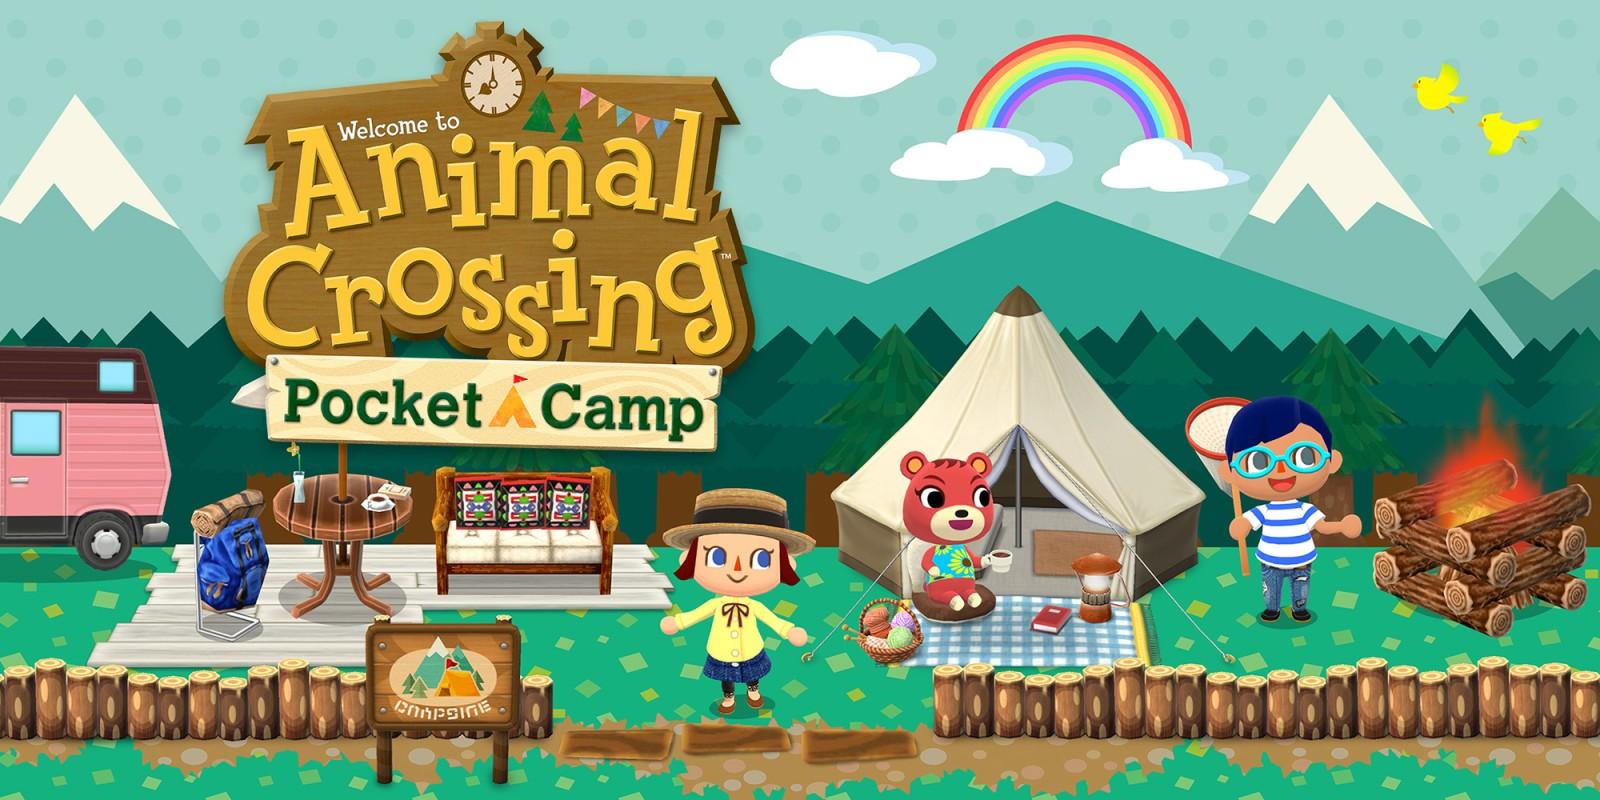 Animal Crossing: Pocket Camp, aggiunti nuovi personaggi nell'ultimo aggiornamento